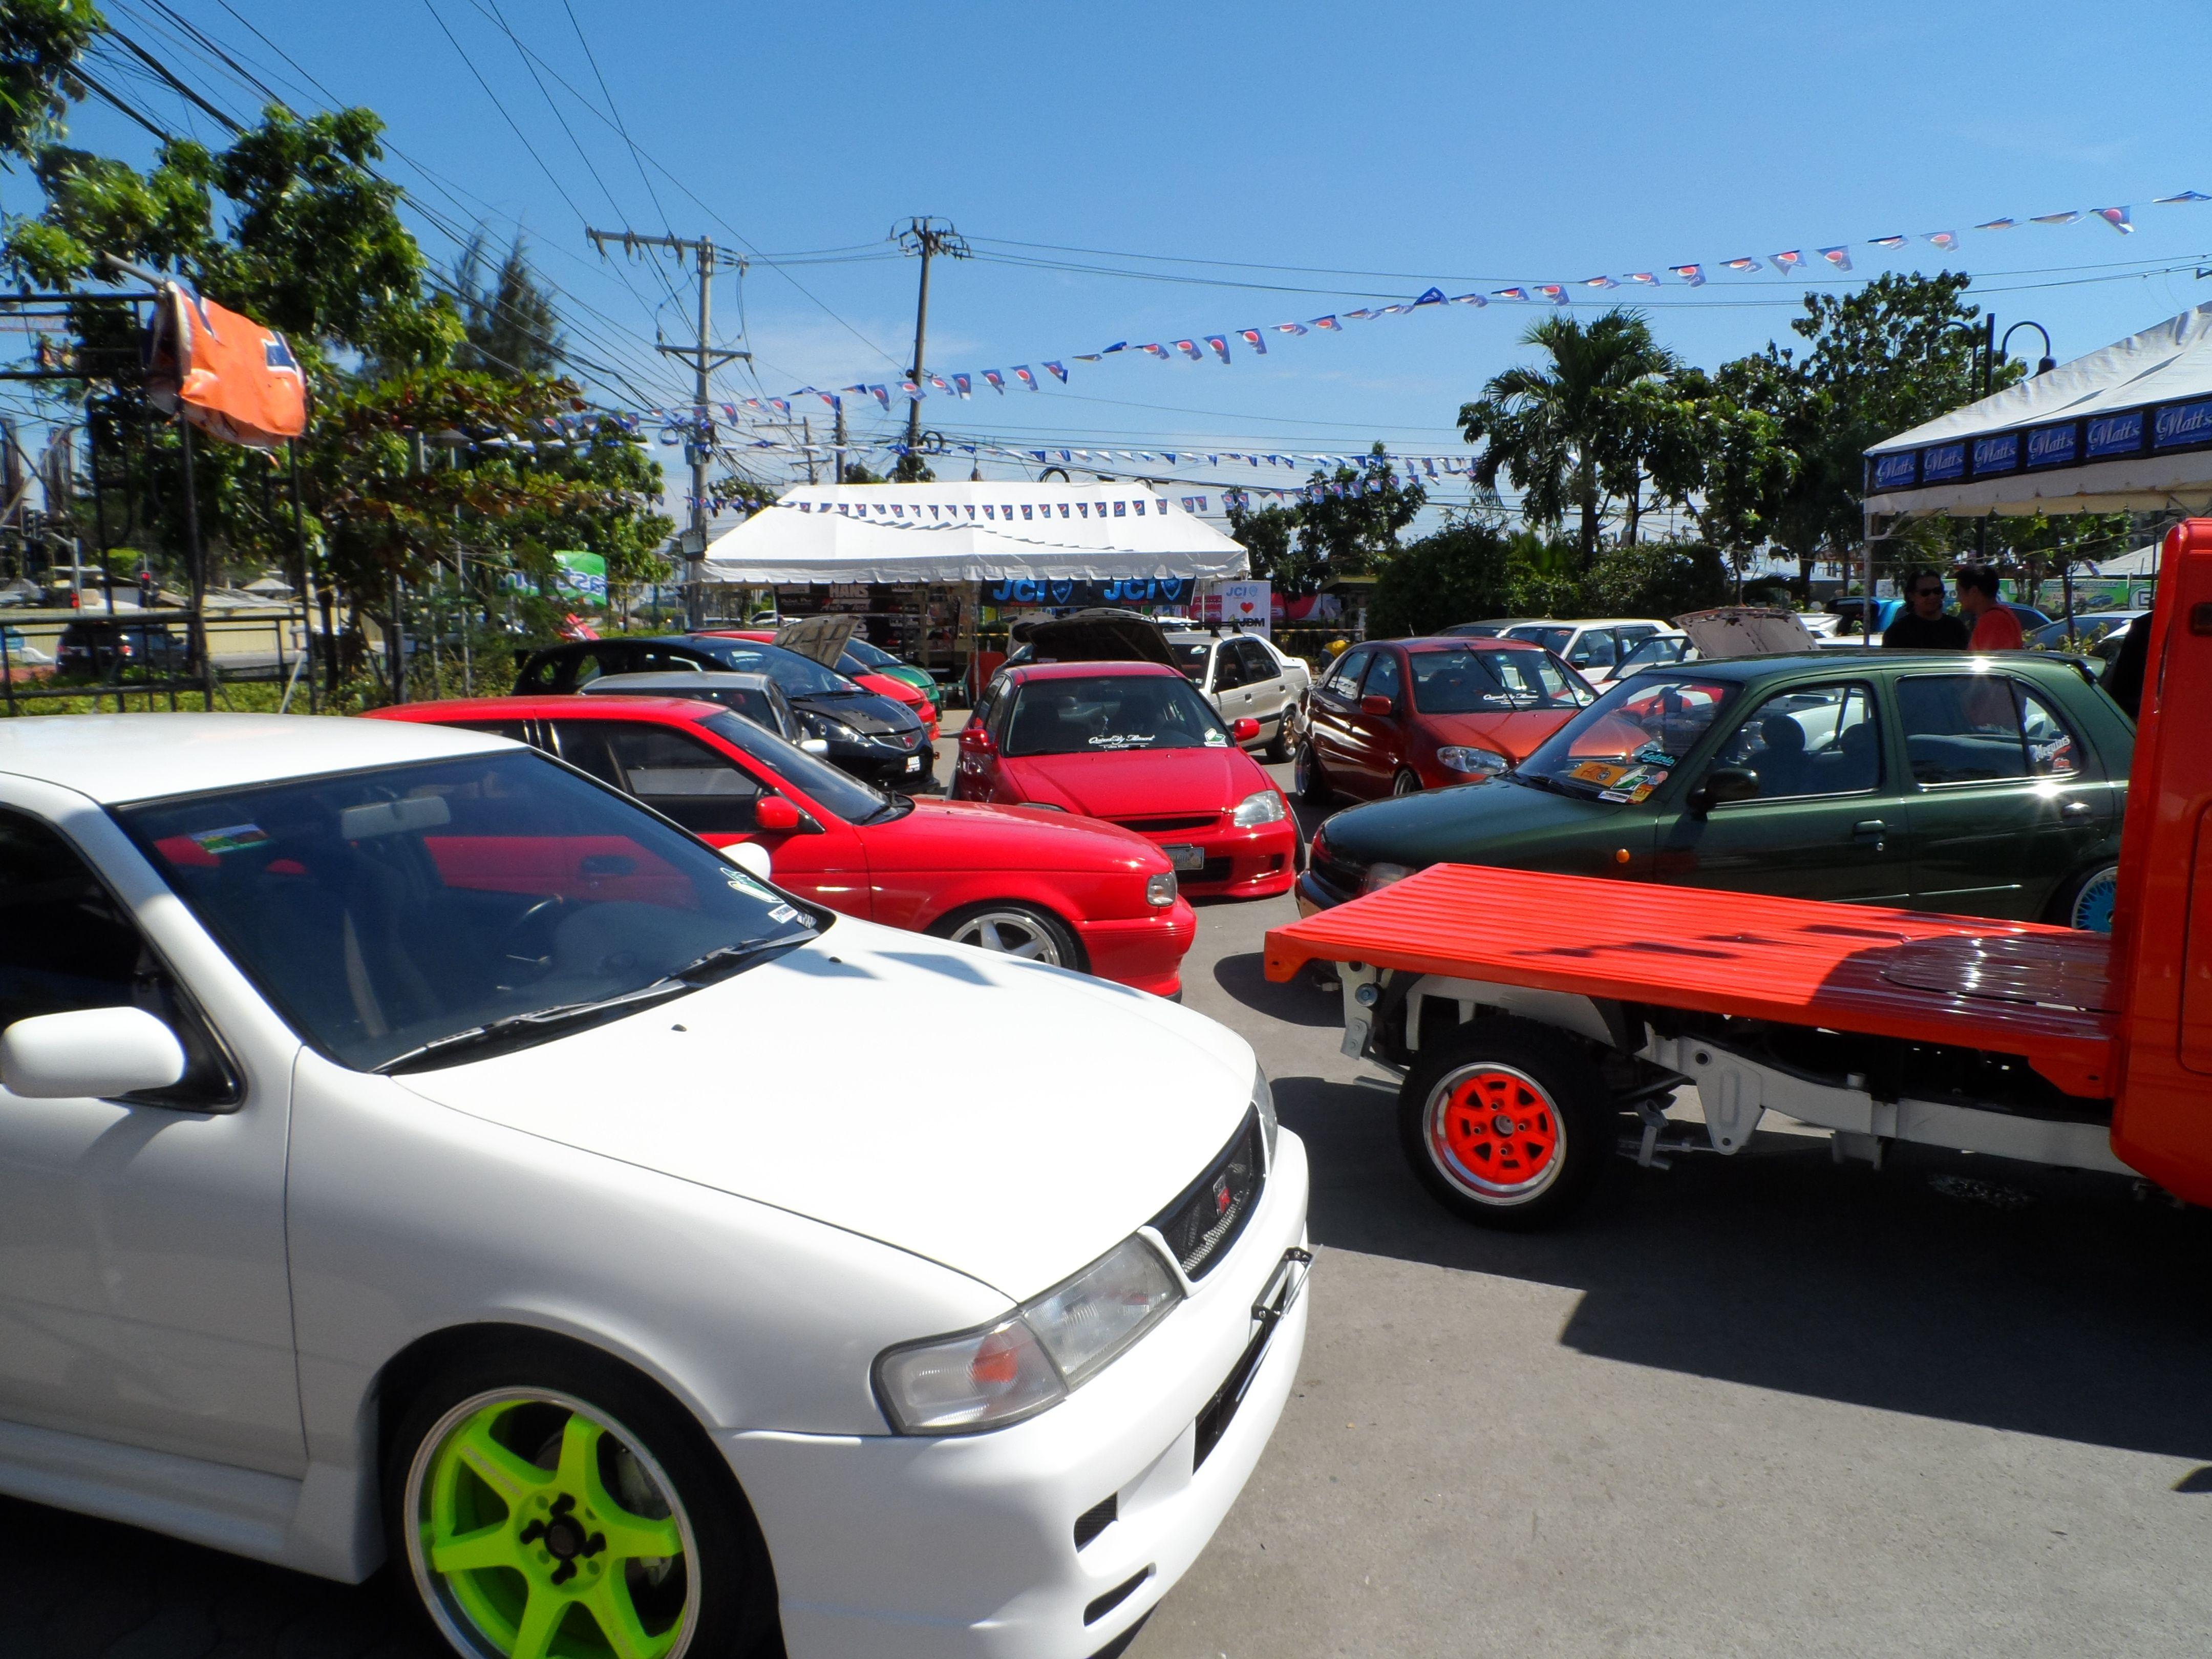 Car sticker maker cebu - Here Is A Shot Taken Last Jdm Fest Cebu